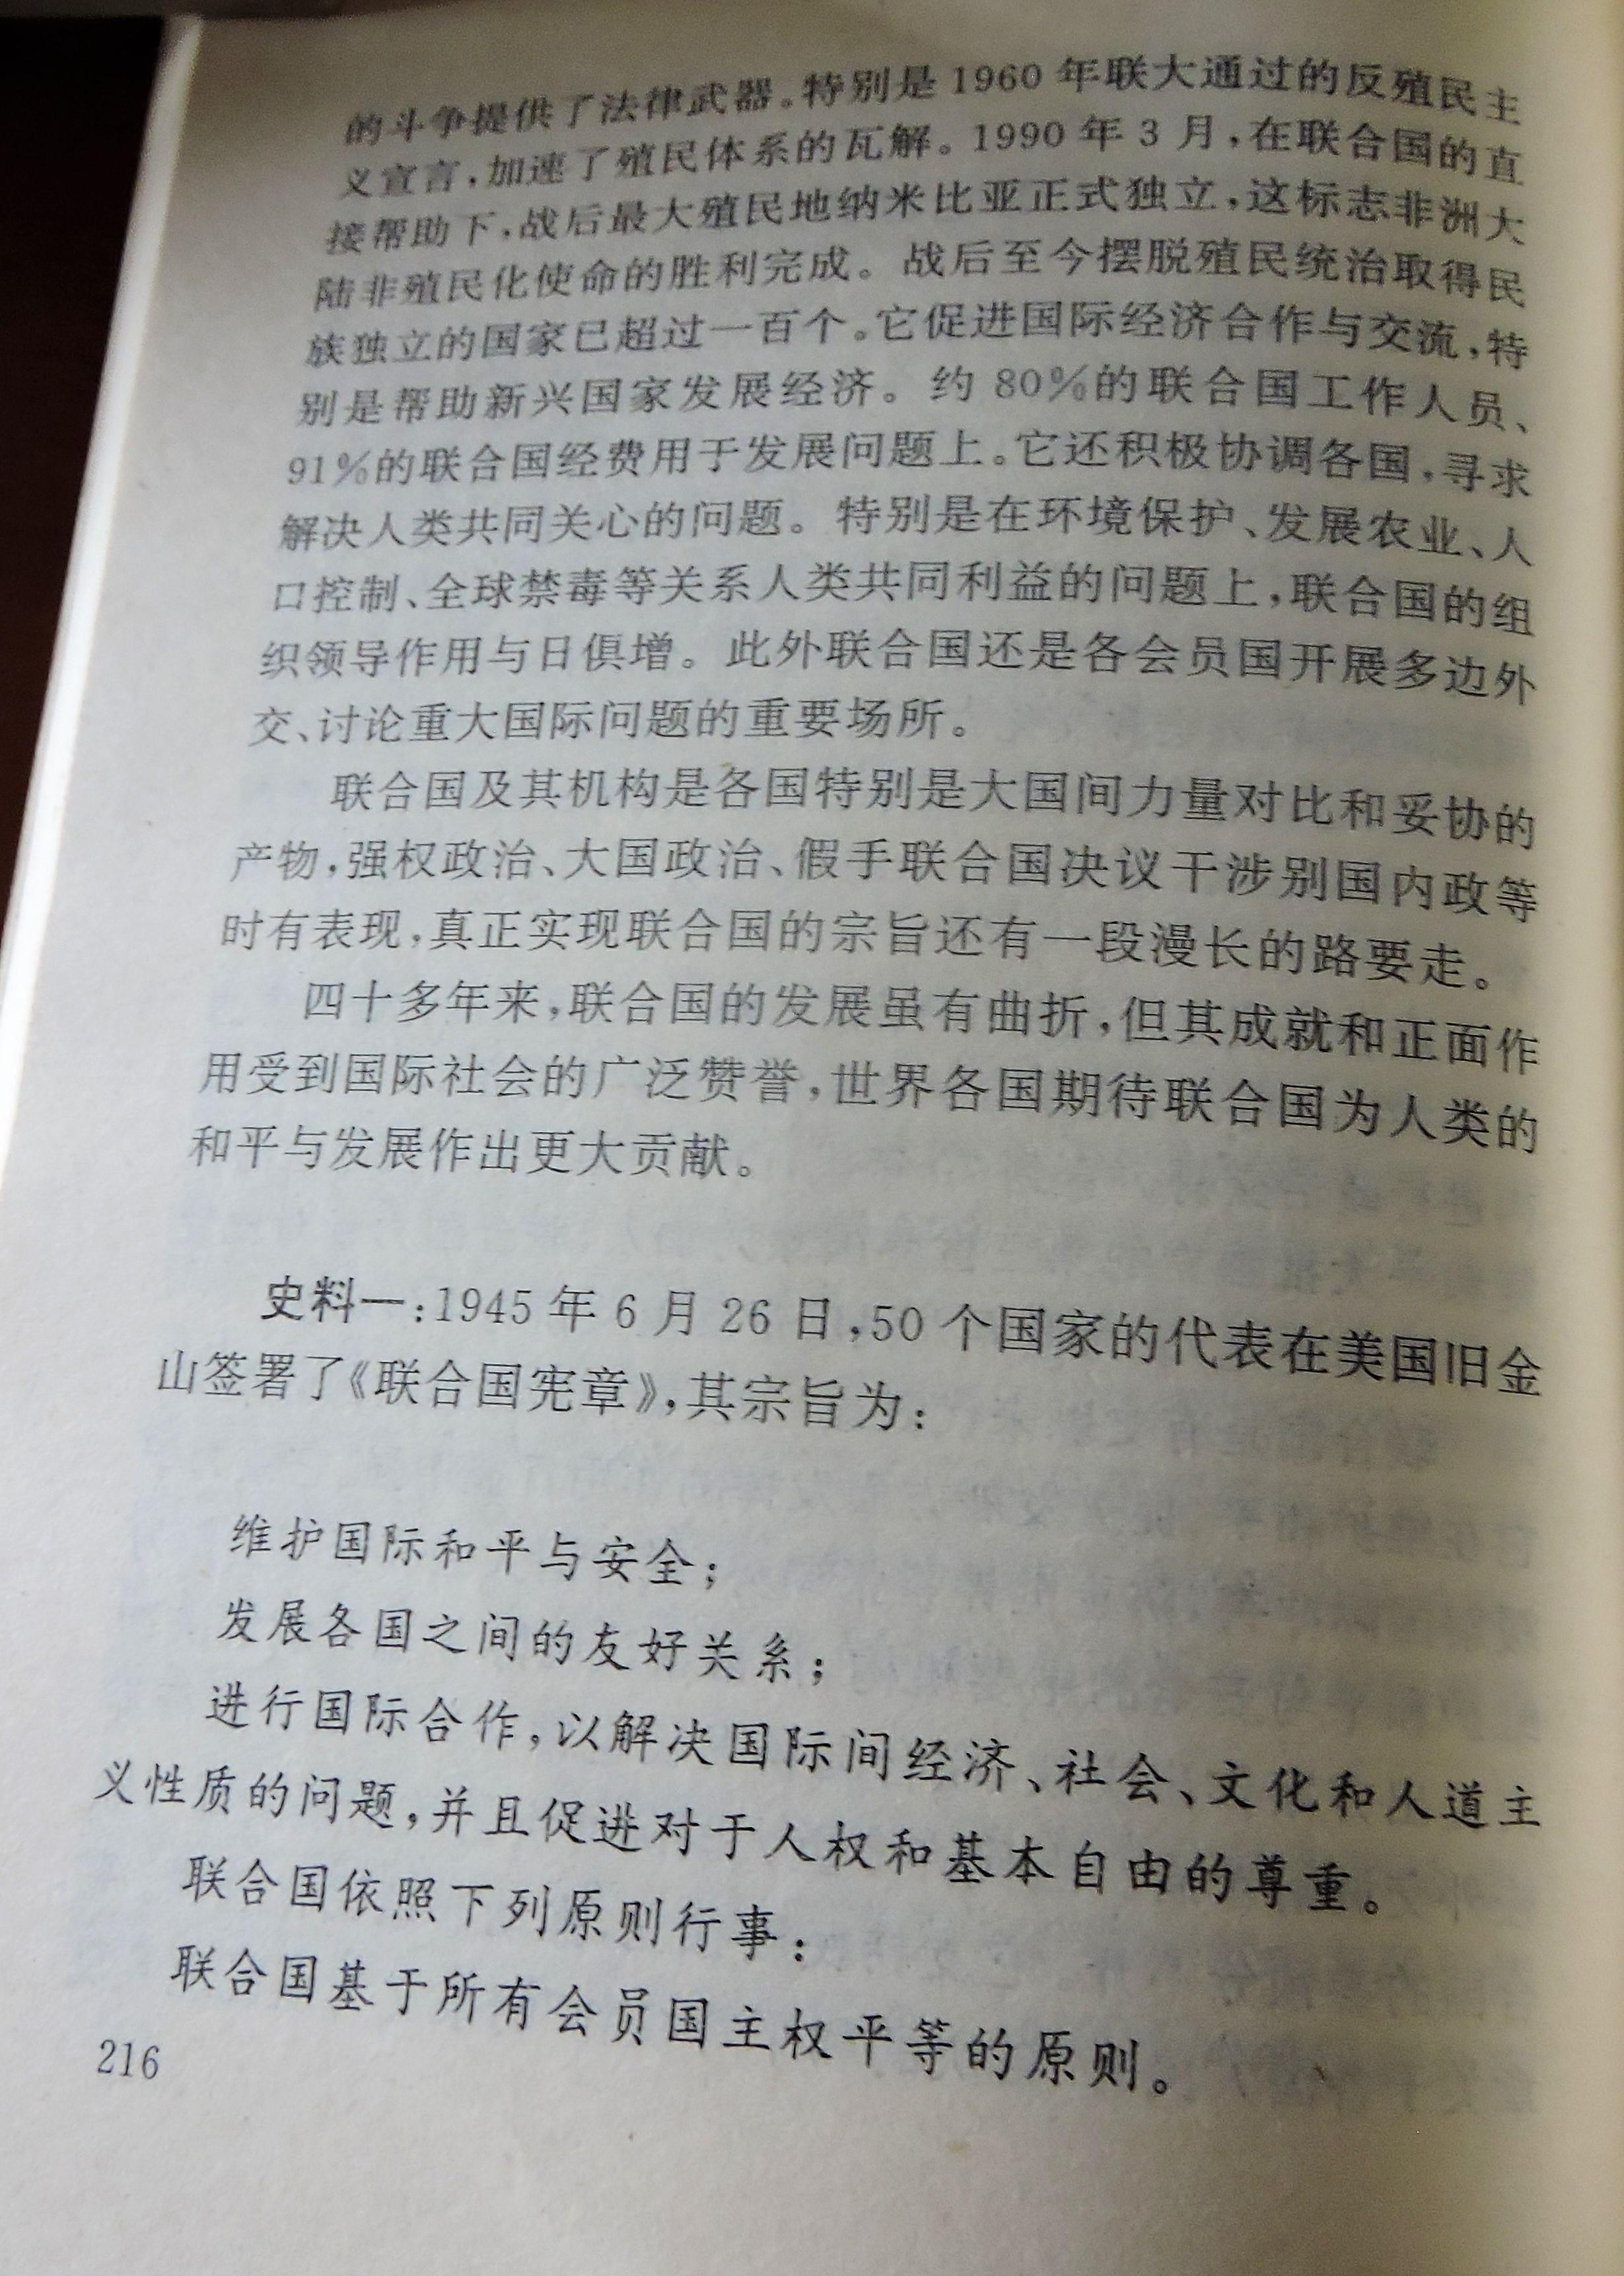 20 DSCN8172.jpg